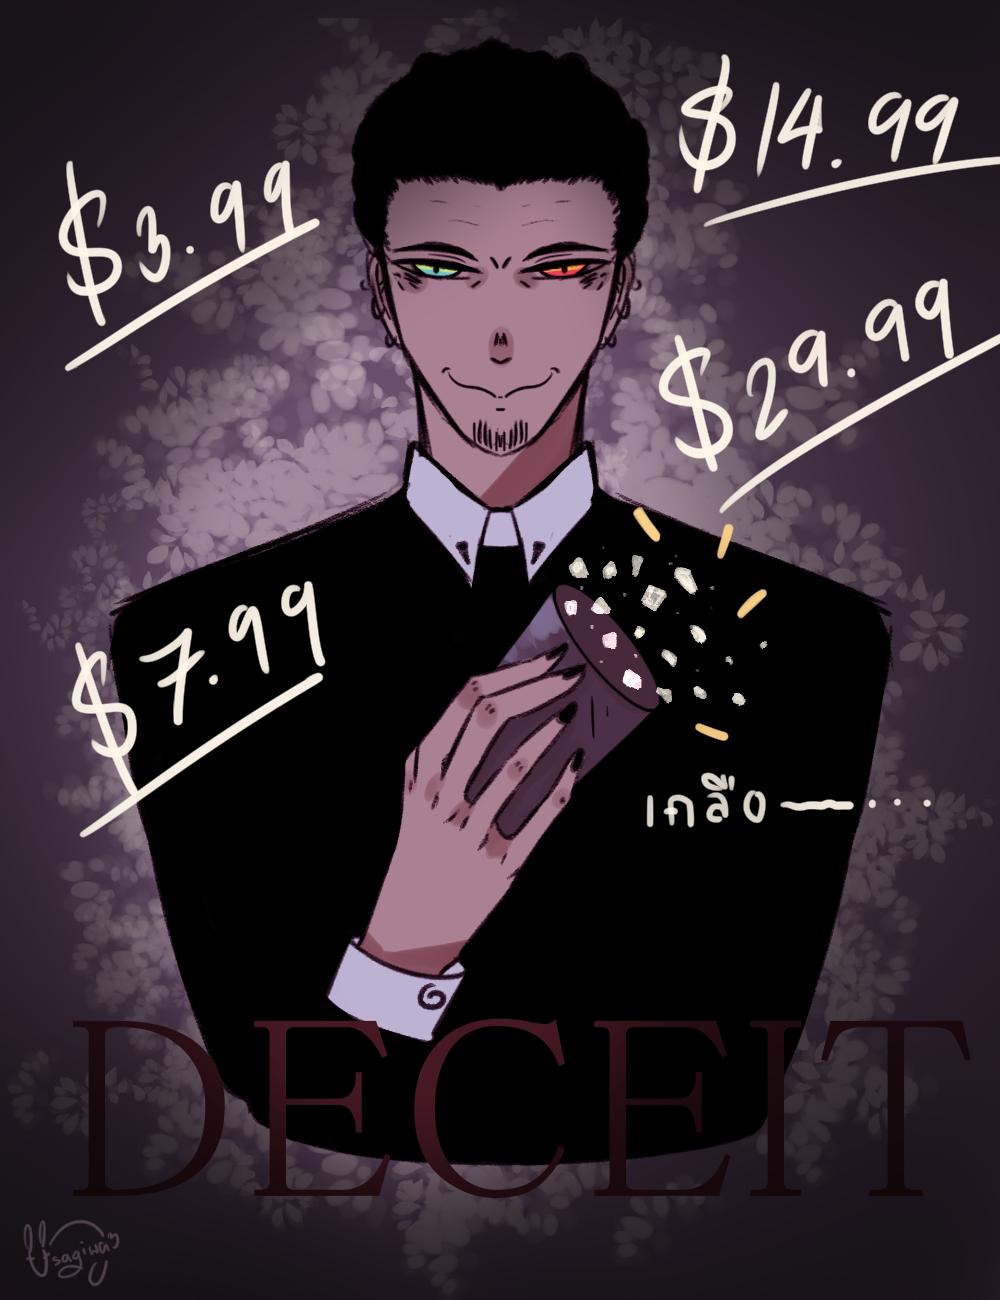 Deceit by Usagiwasan